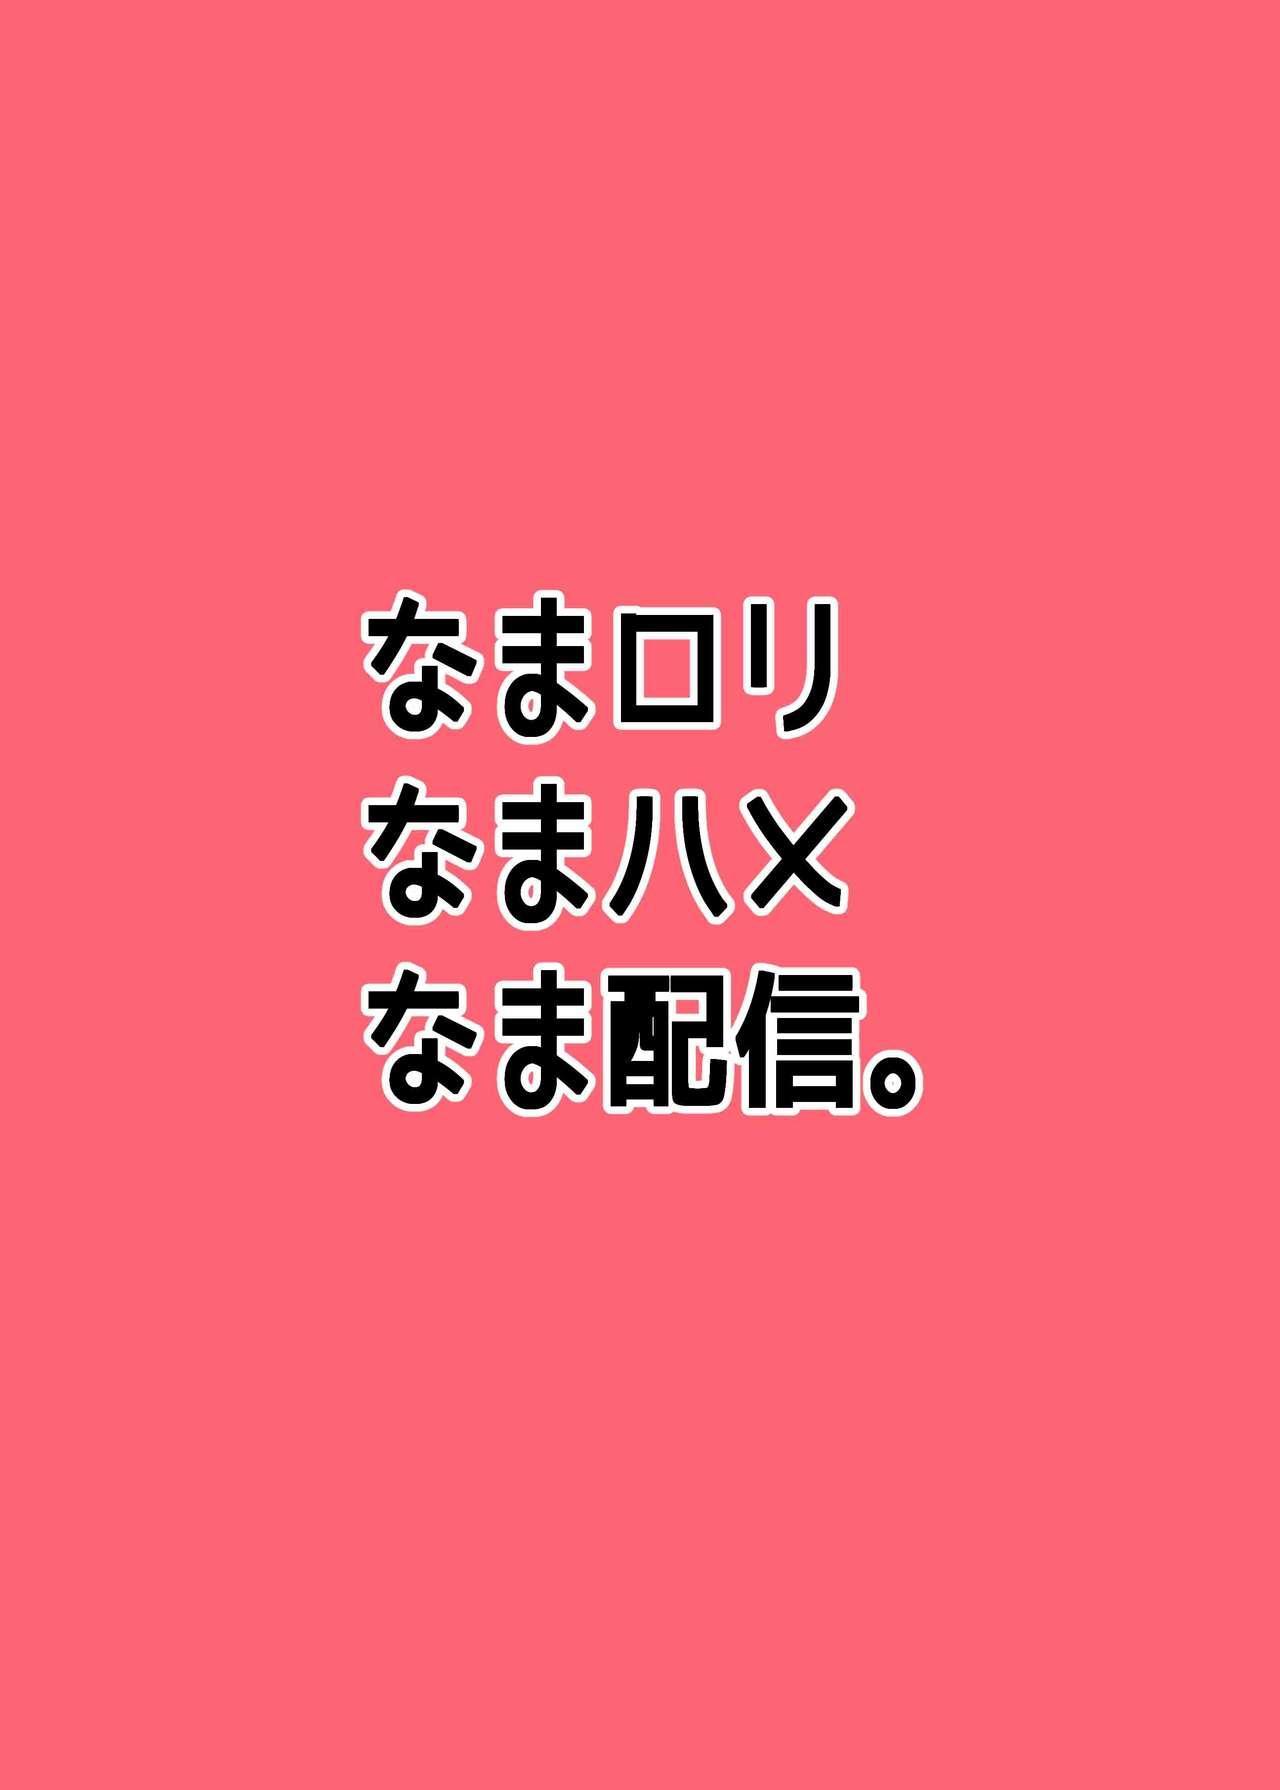 Nama Loli Nama Hame Nama Haishin. 17